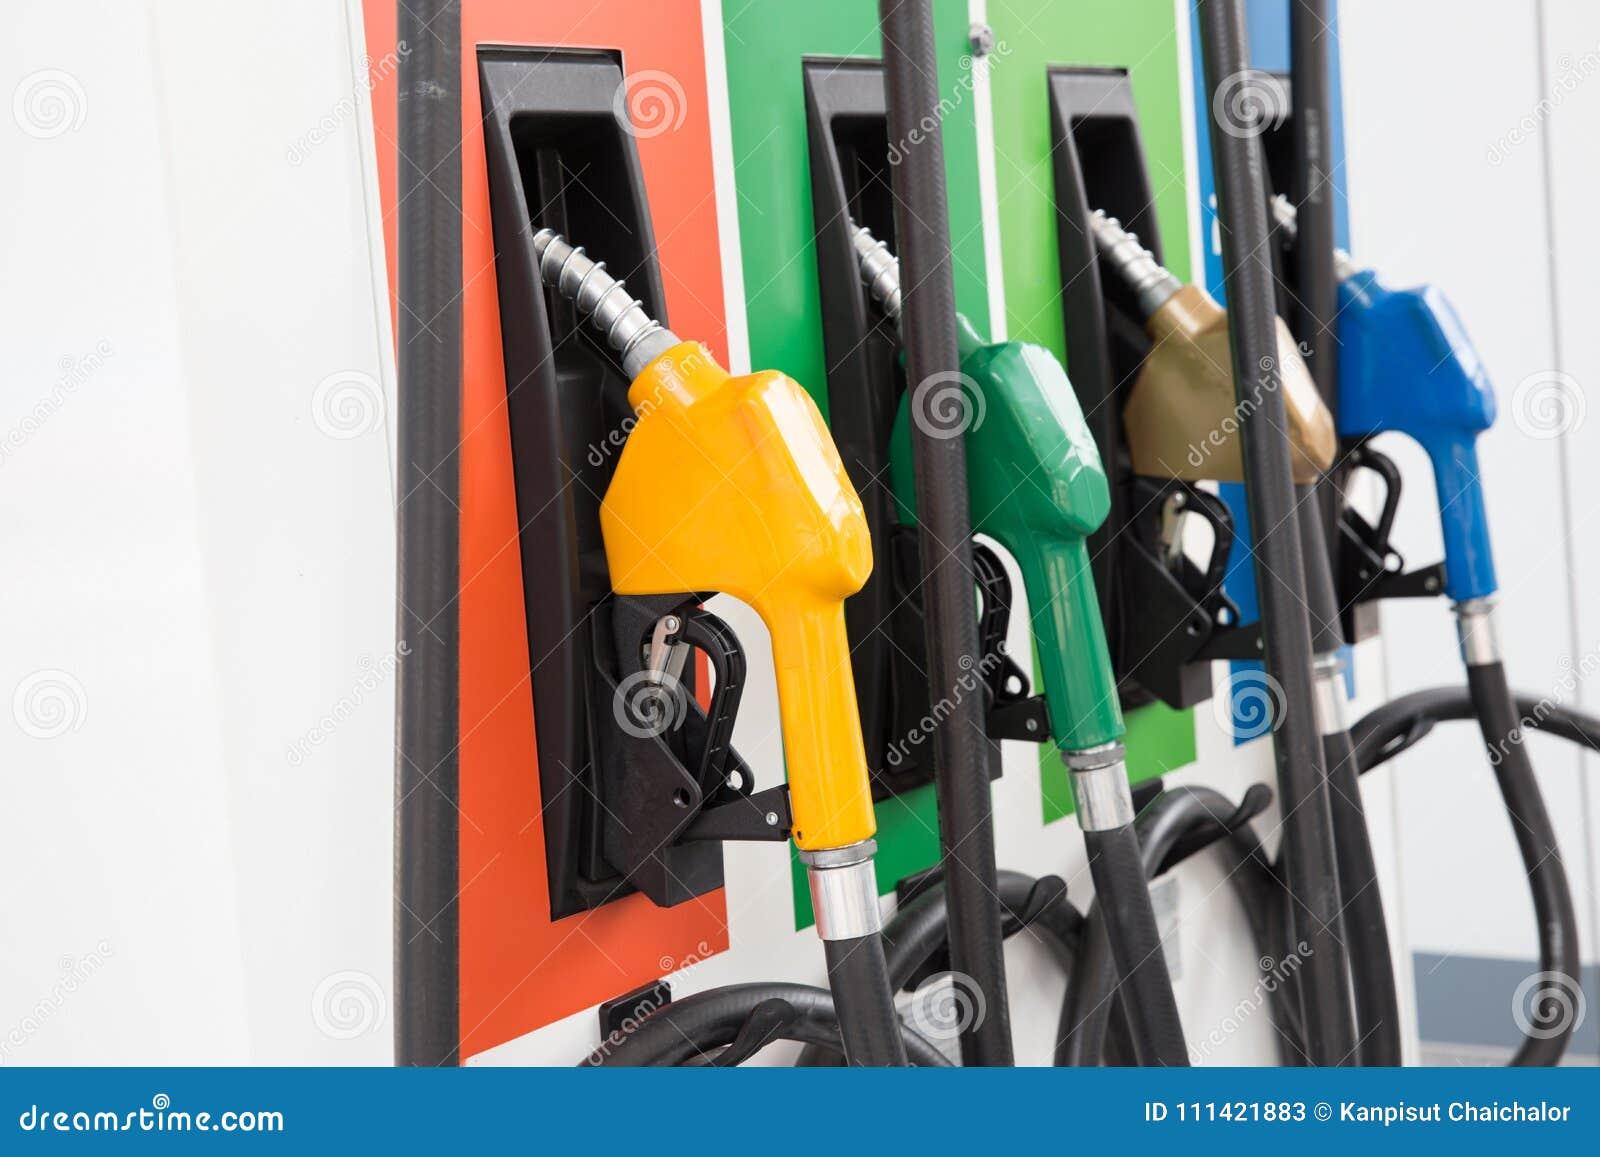 Pompa del carburante, stazione di servizio, benzina Ugelli di riempimento della pompa di benzina variopinta su fondo bianco